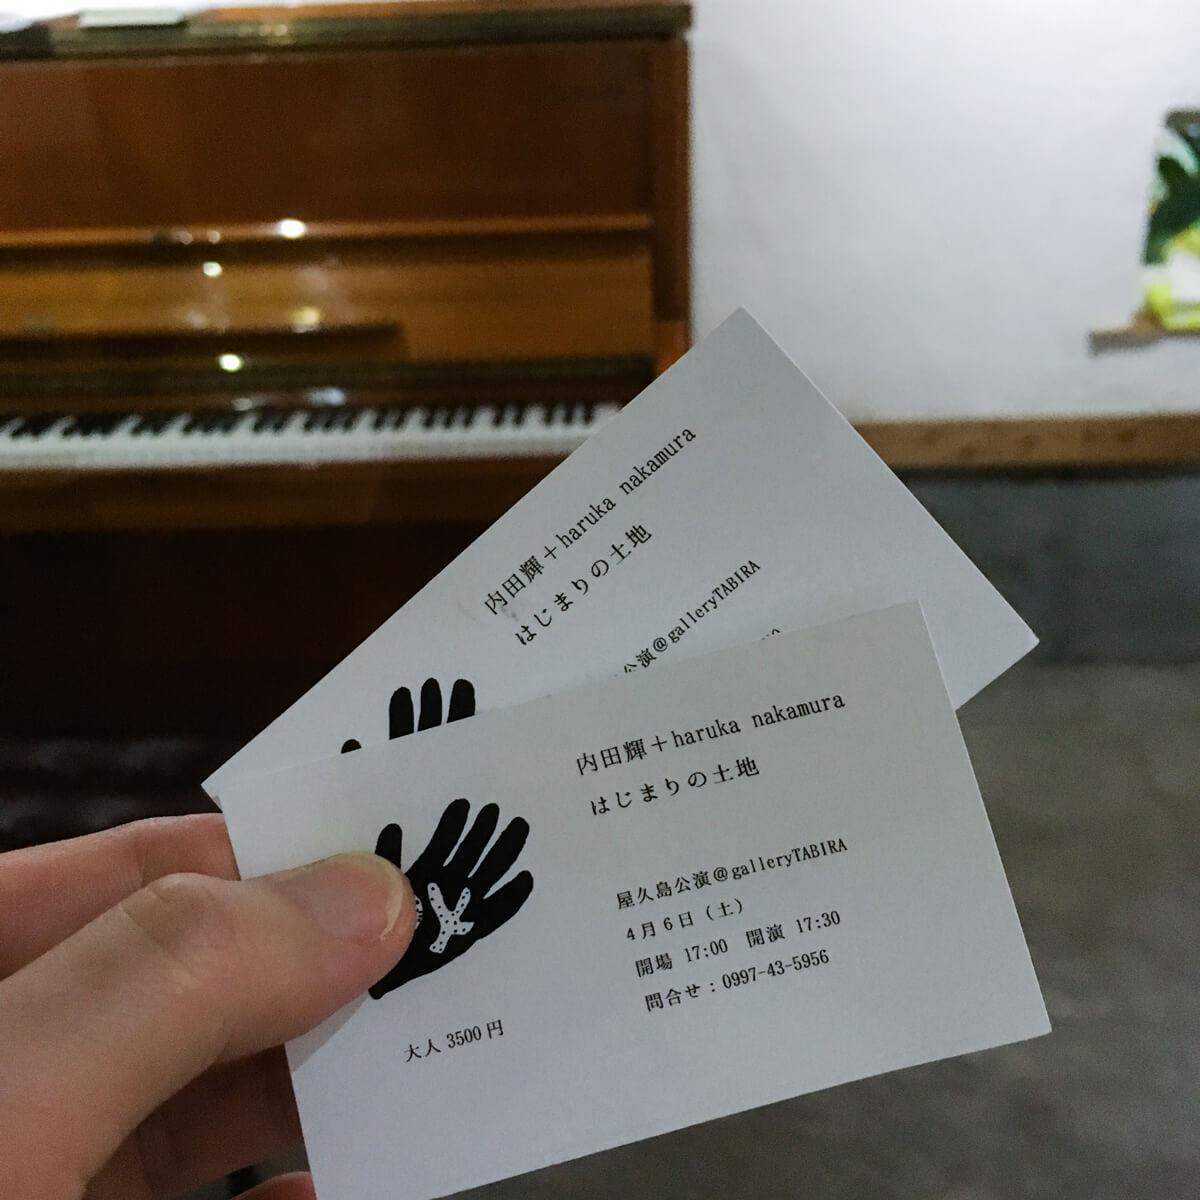 屋久島ギャラリー田平 ピアノコンサート会場 屋久島日々の暮らしとジュエリー